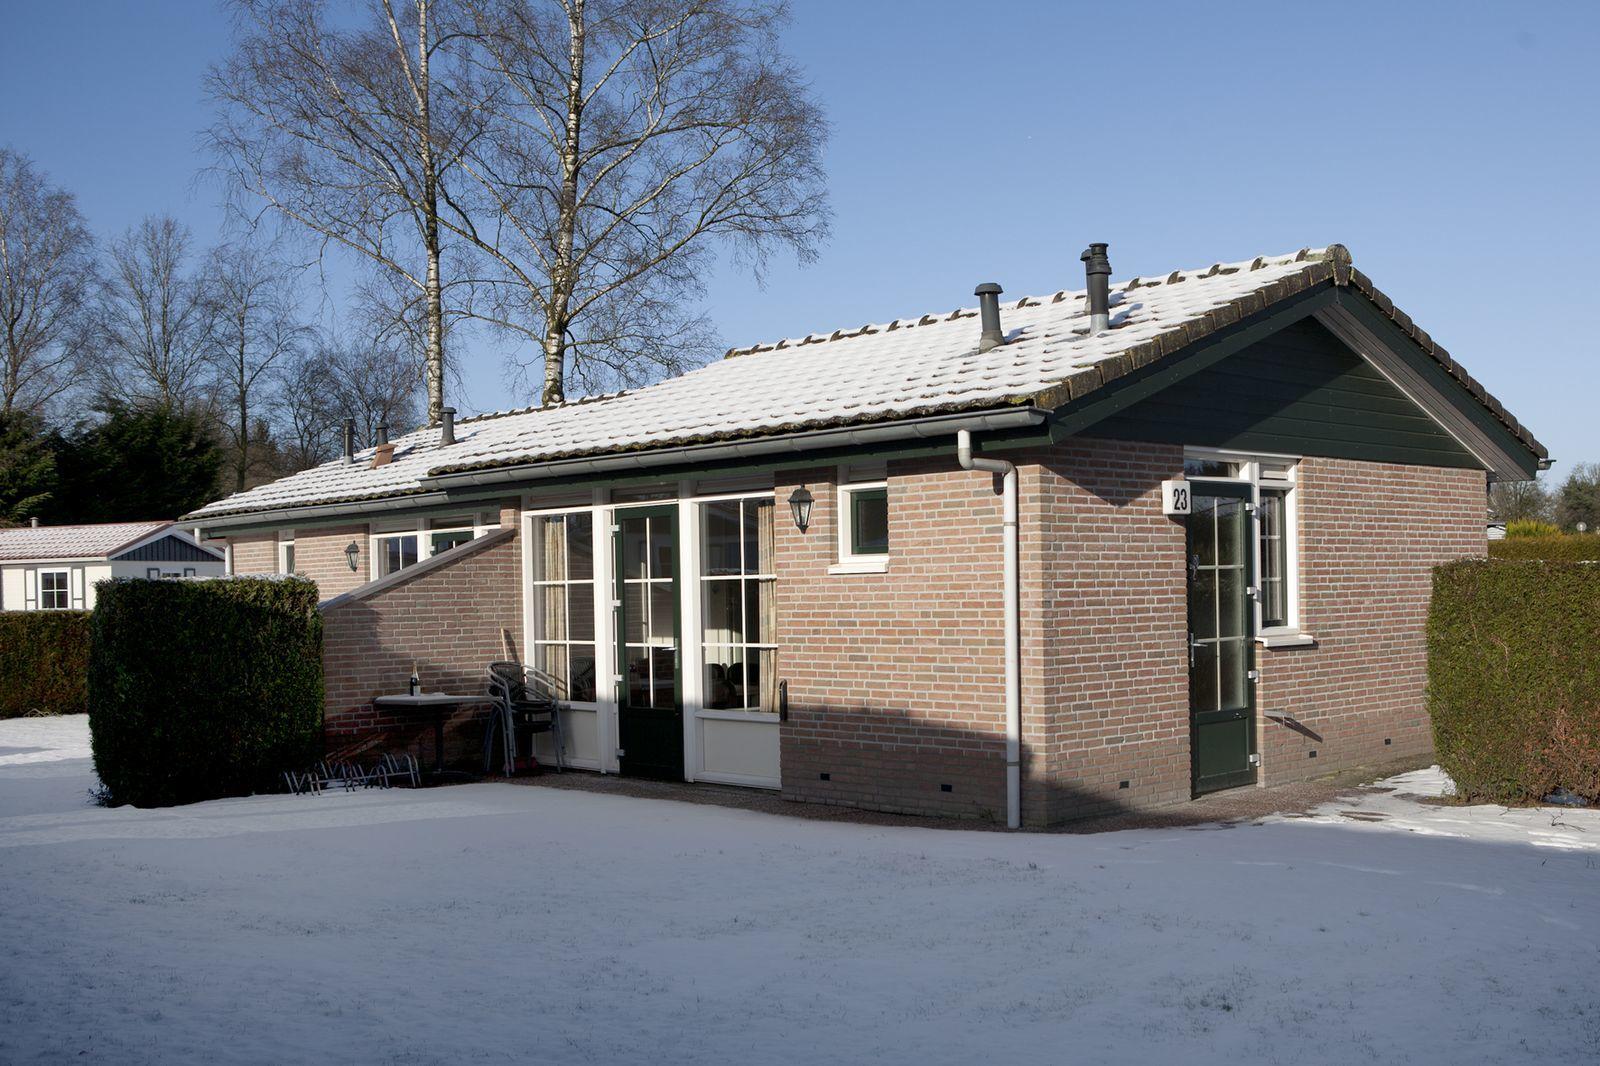 Zeumeren 6-person bungalow